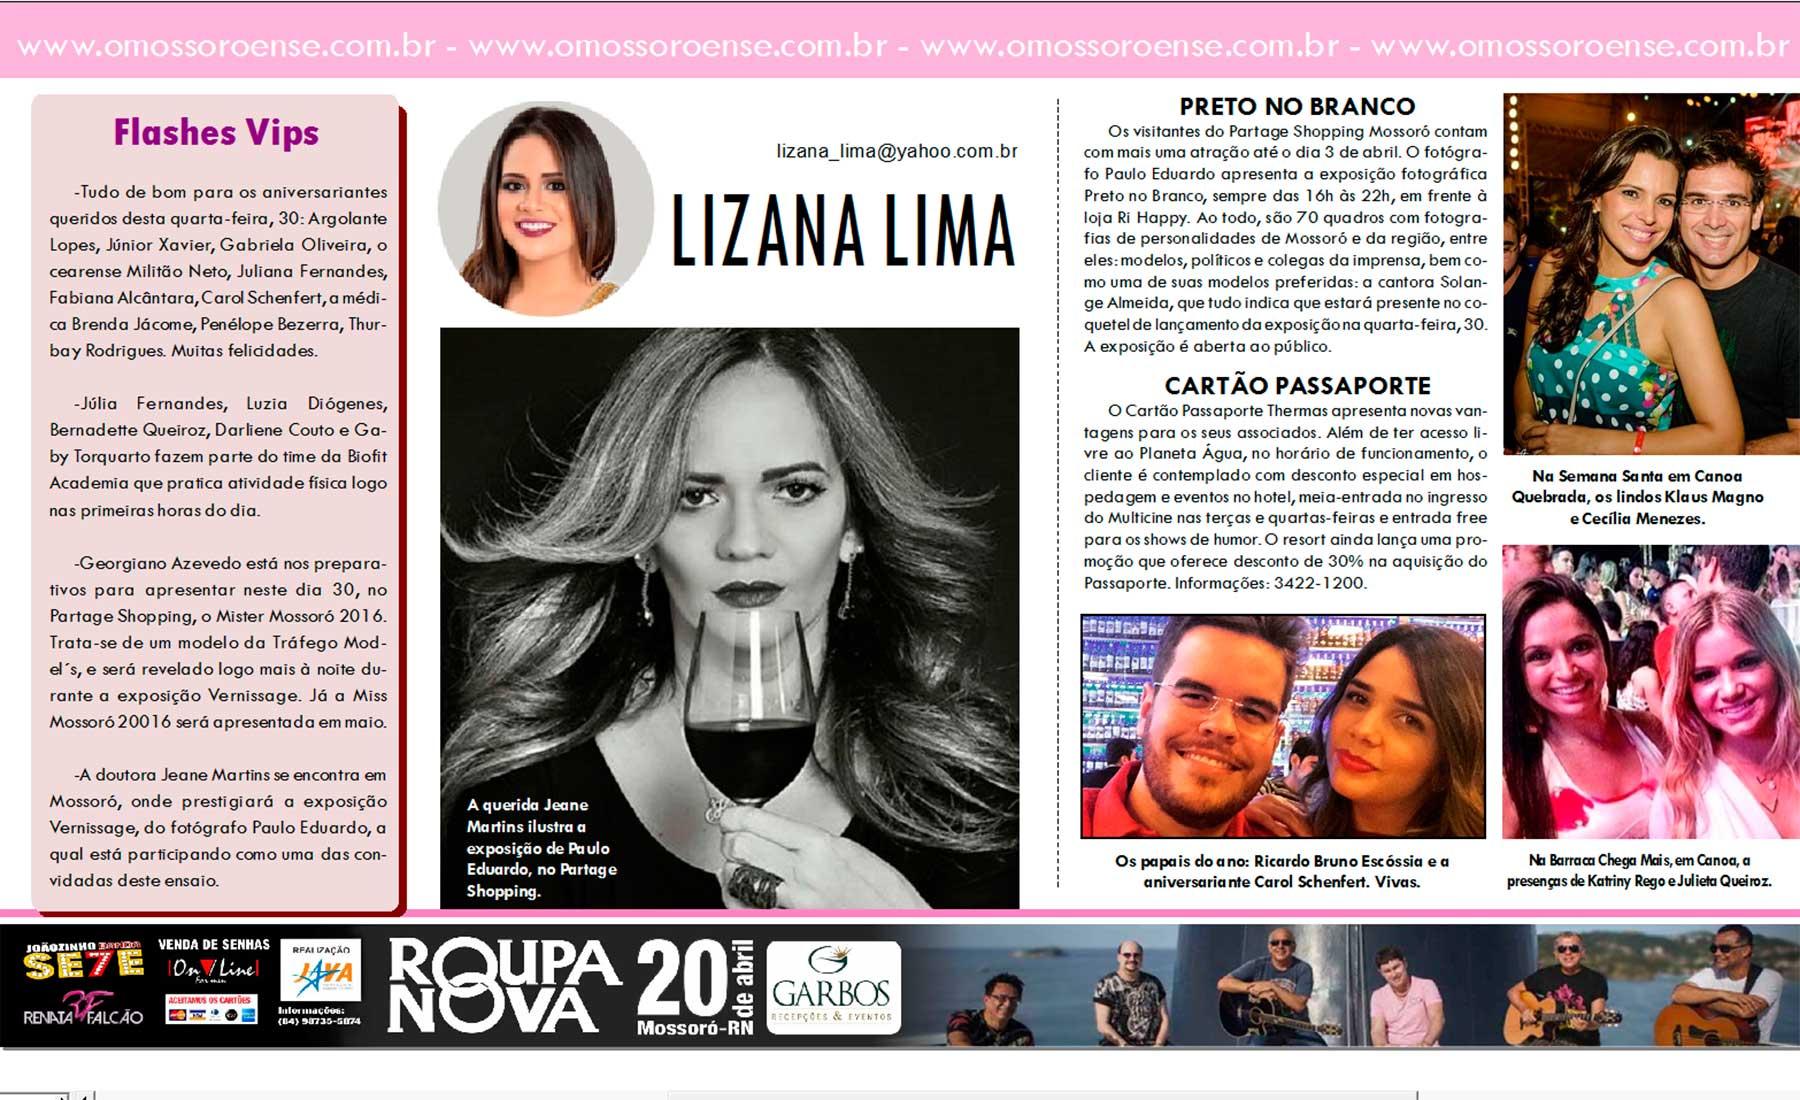 LIZANA-LIMA30-03-16